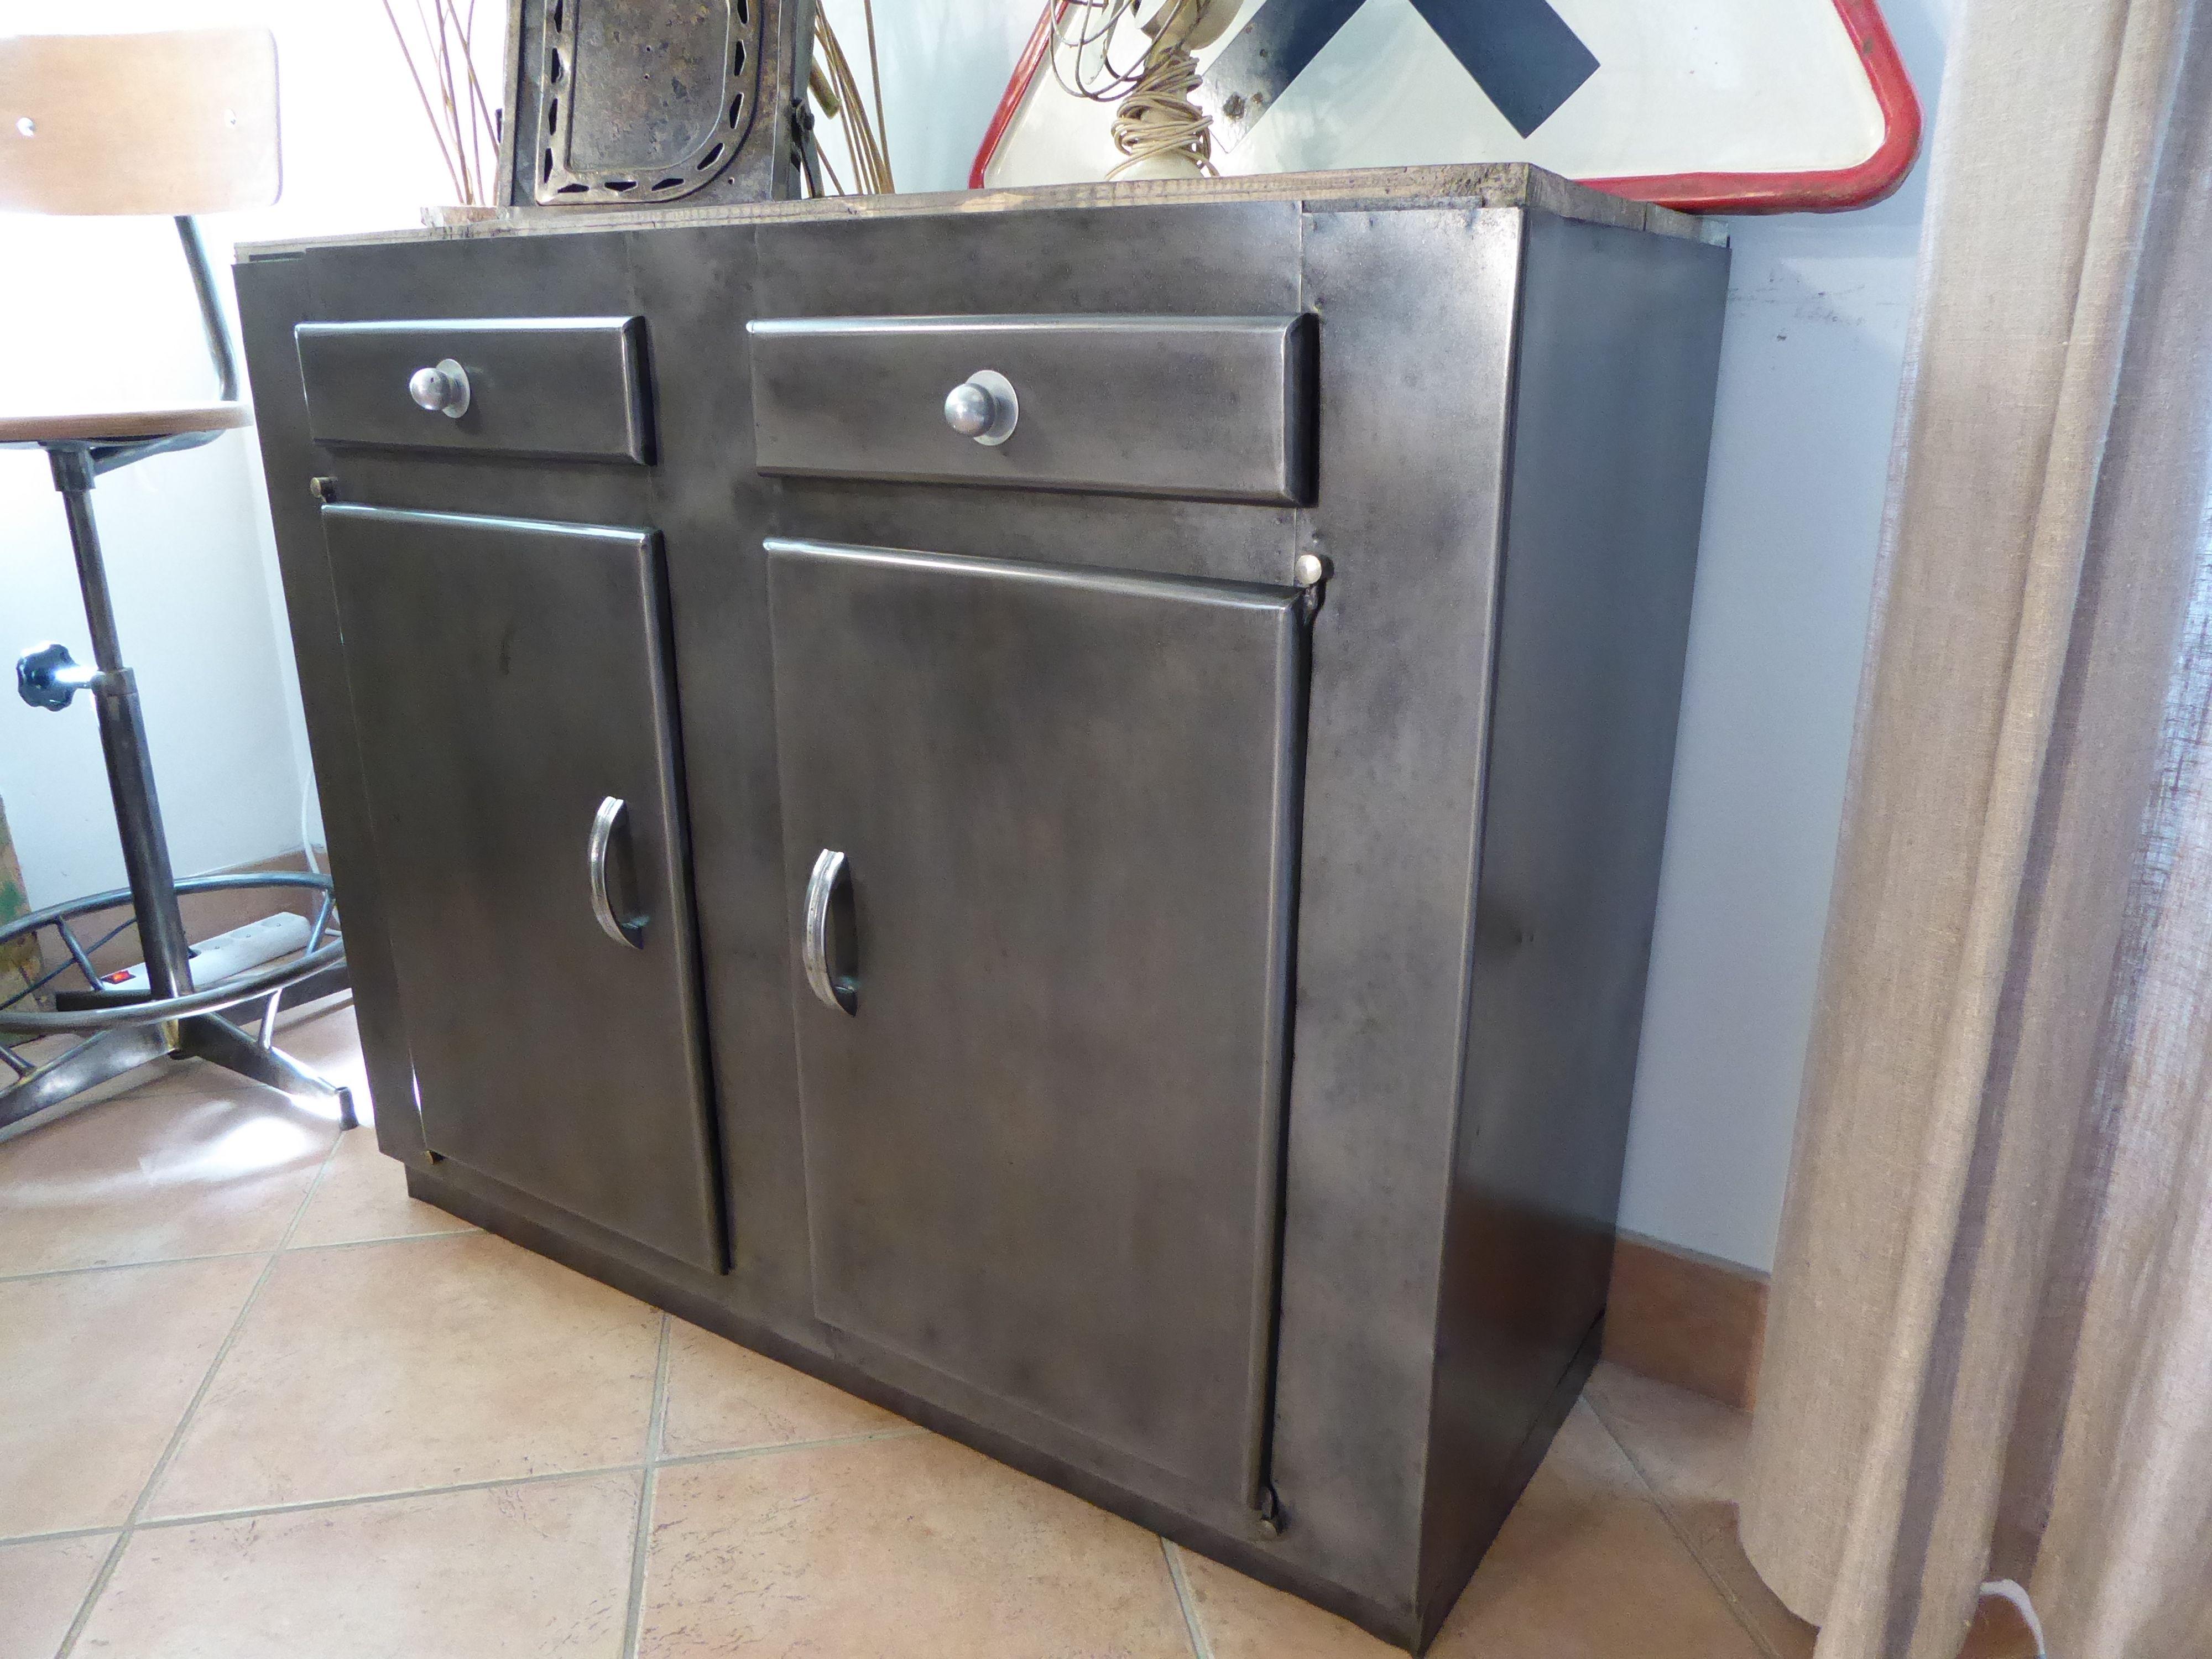 meuble bahut m tal industriel vous propose ce meuble bas ancien 2 portes et. Black Bedroom Furniture Sets. Home Design Ideas